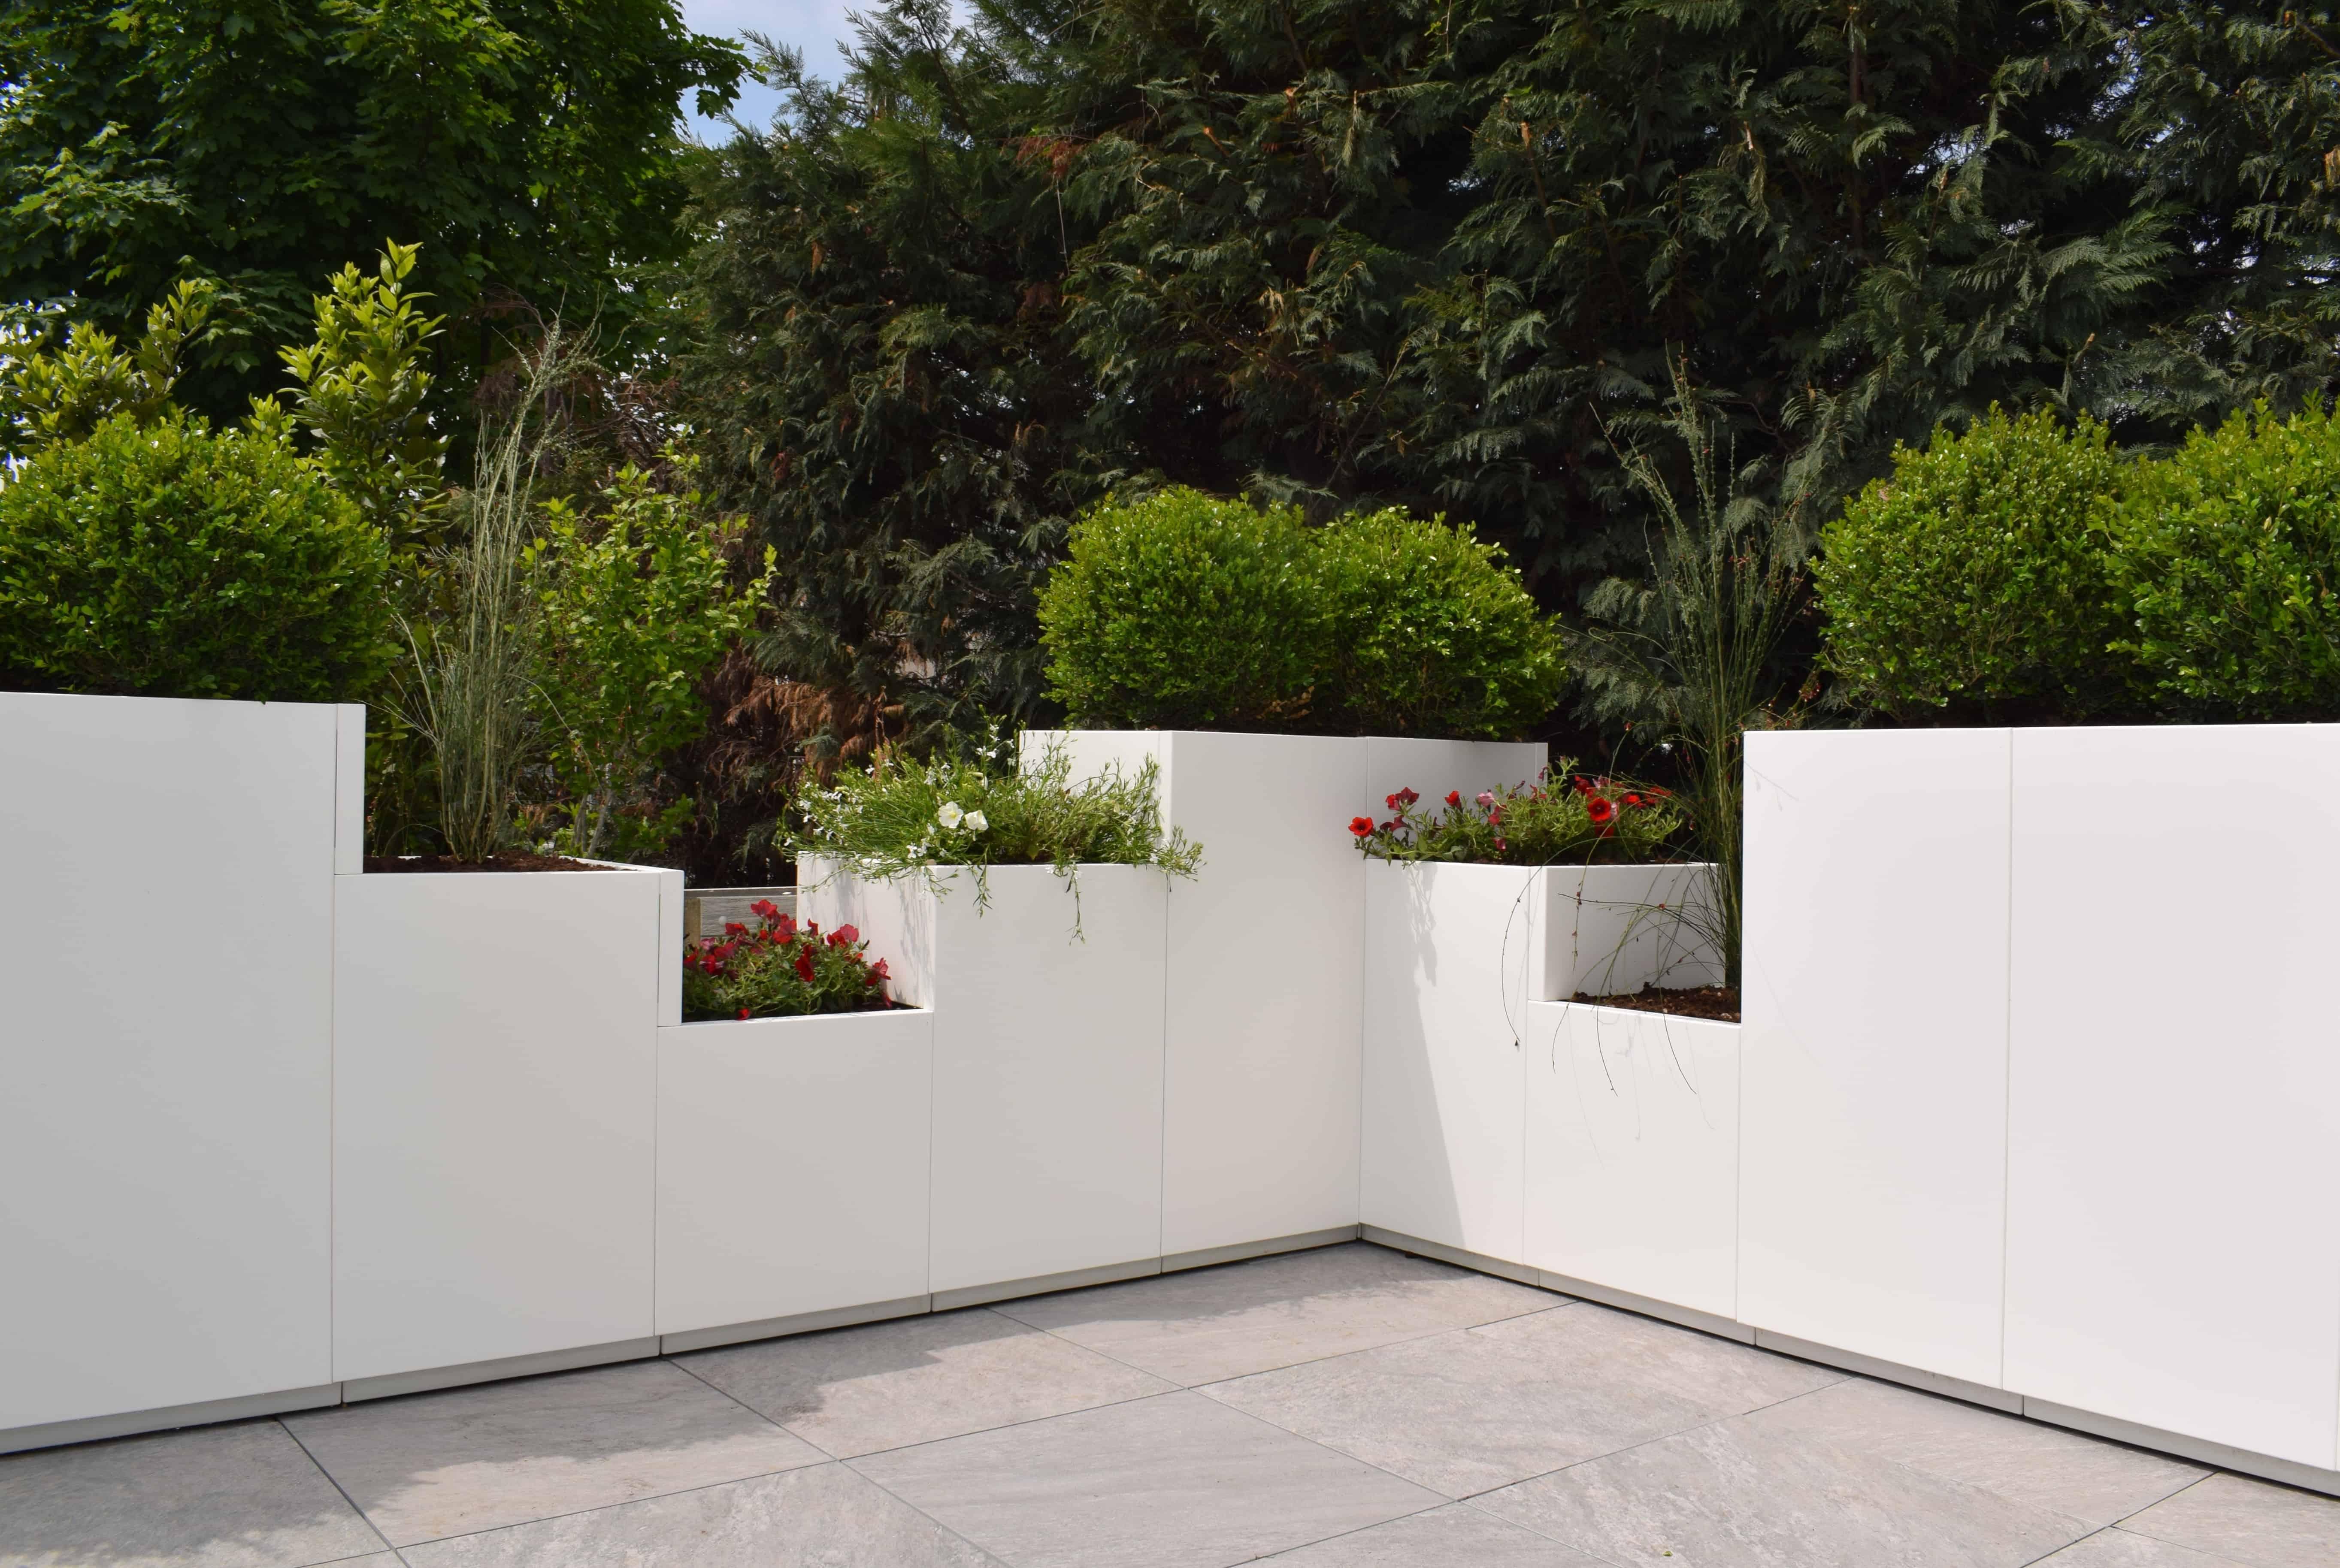 Lijn modulair op te bouwen bloembakken zet ons uit de wind en garandeert privacy en gezelligheid